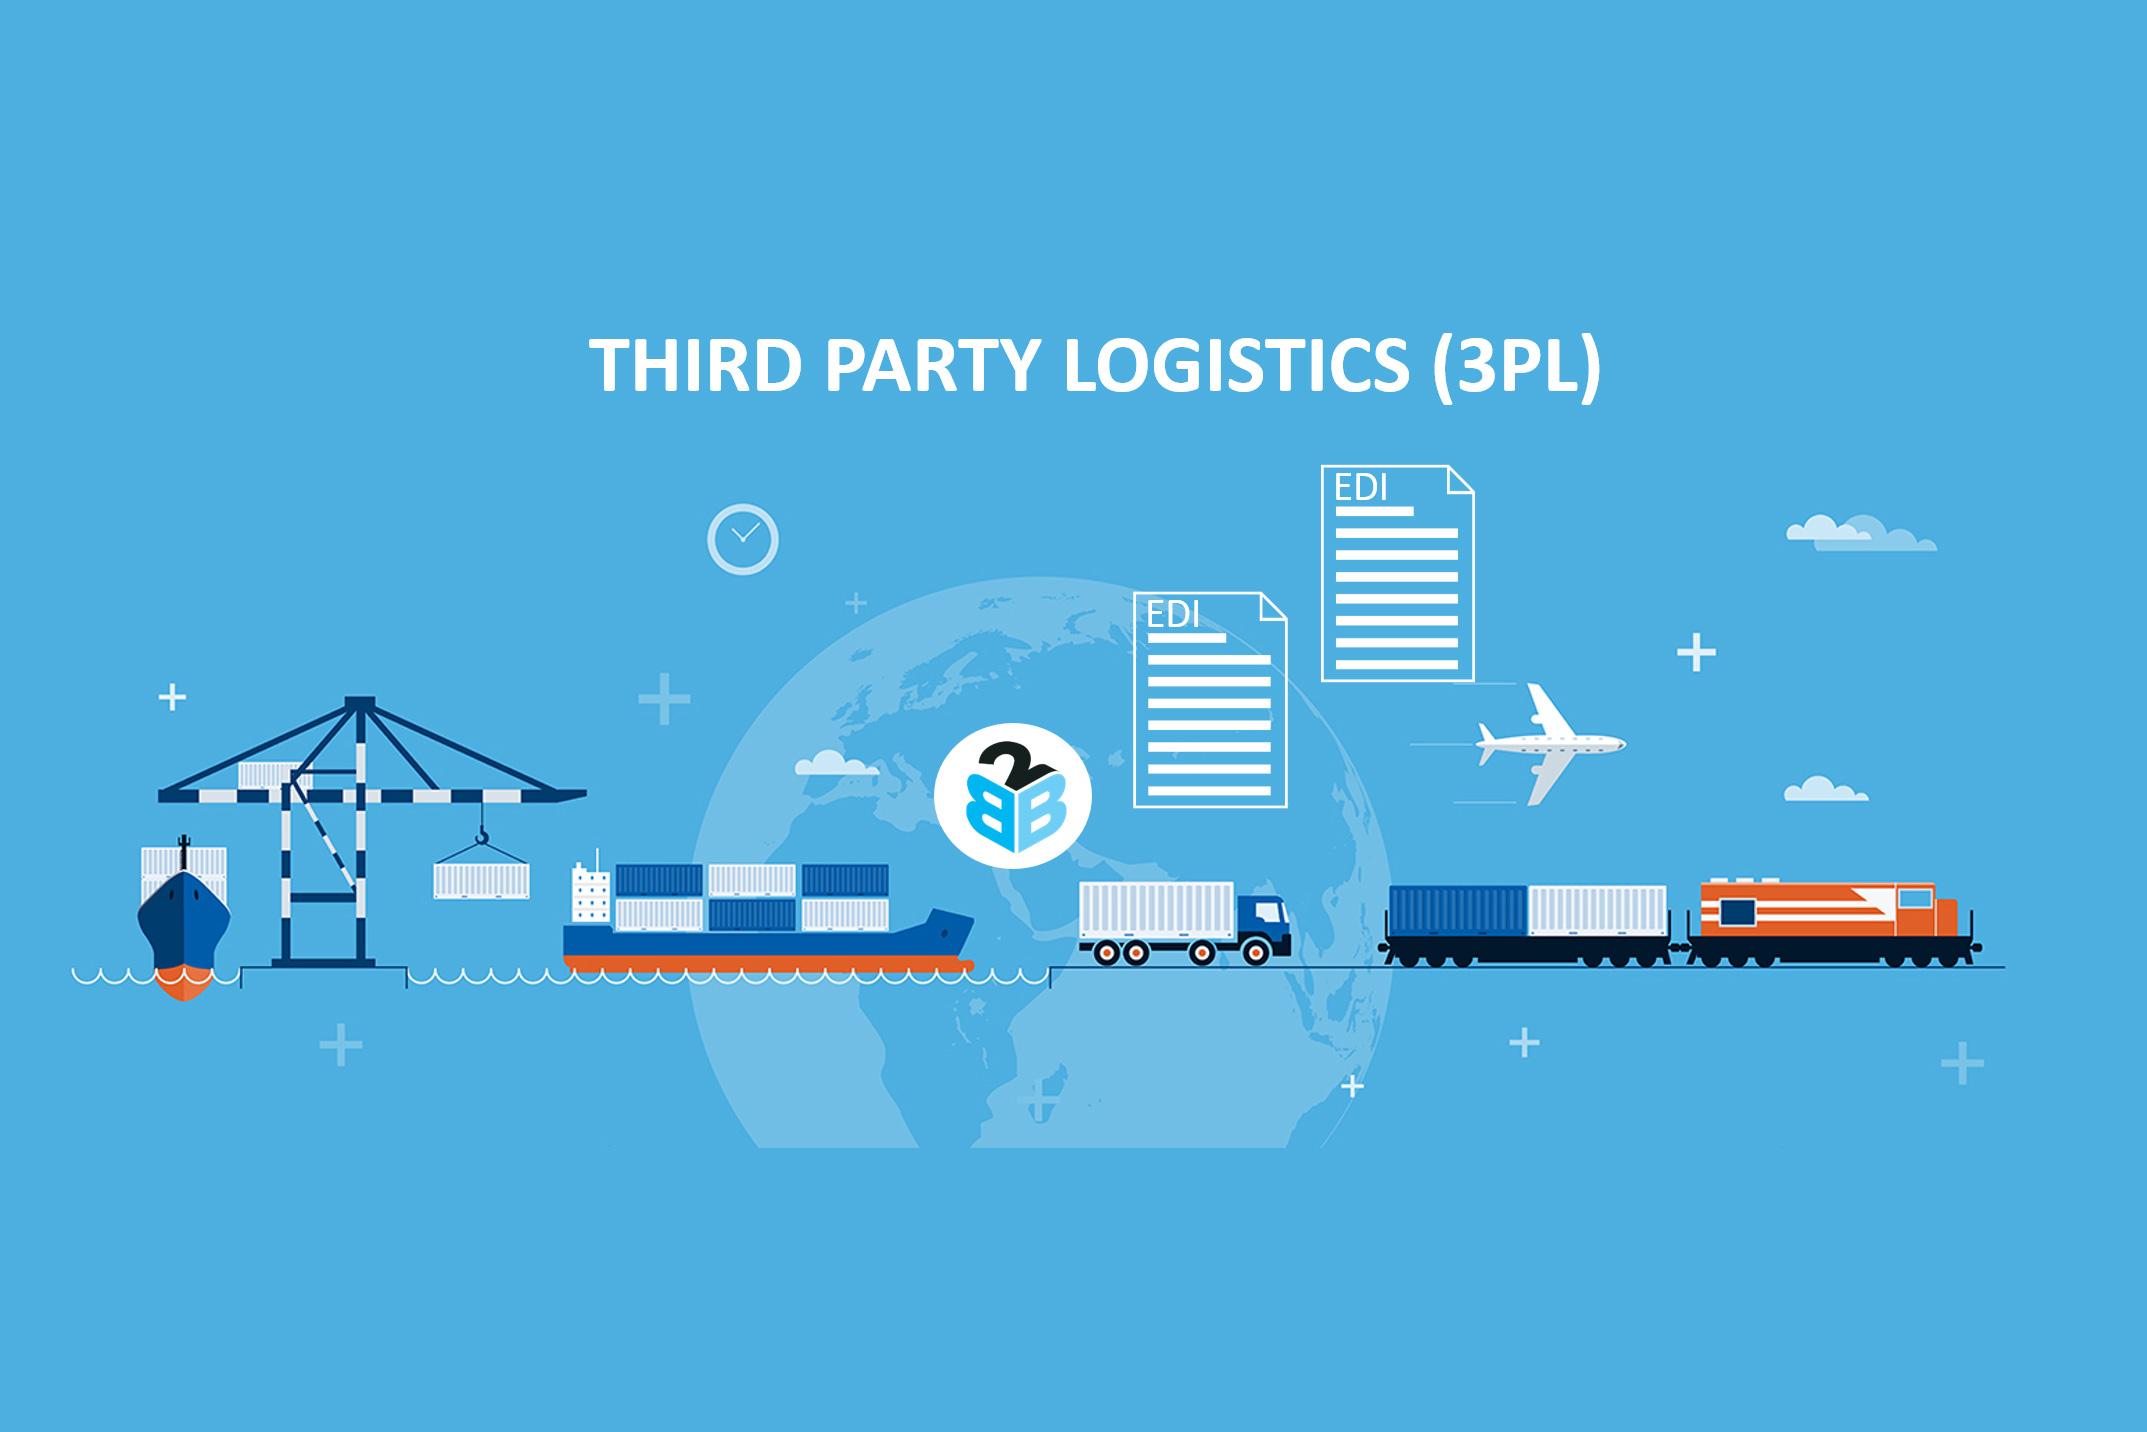 فعالیت های انبارداری و حمل و نقل از جمله اقدامات اصلی شرکت های لجستیکی طرف سوم می باشد.